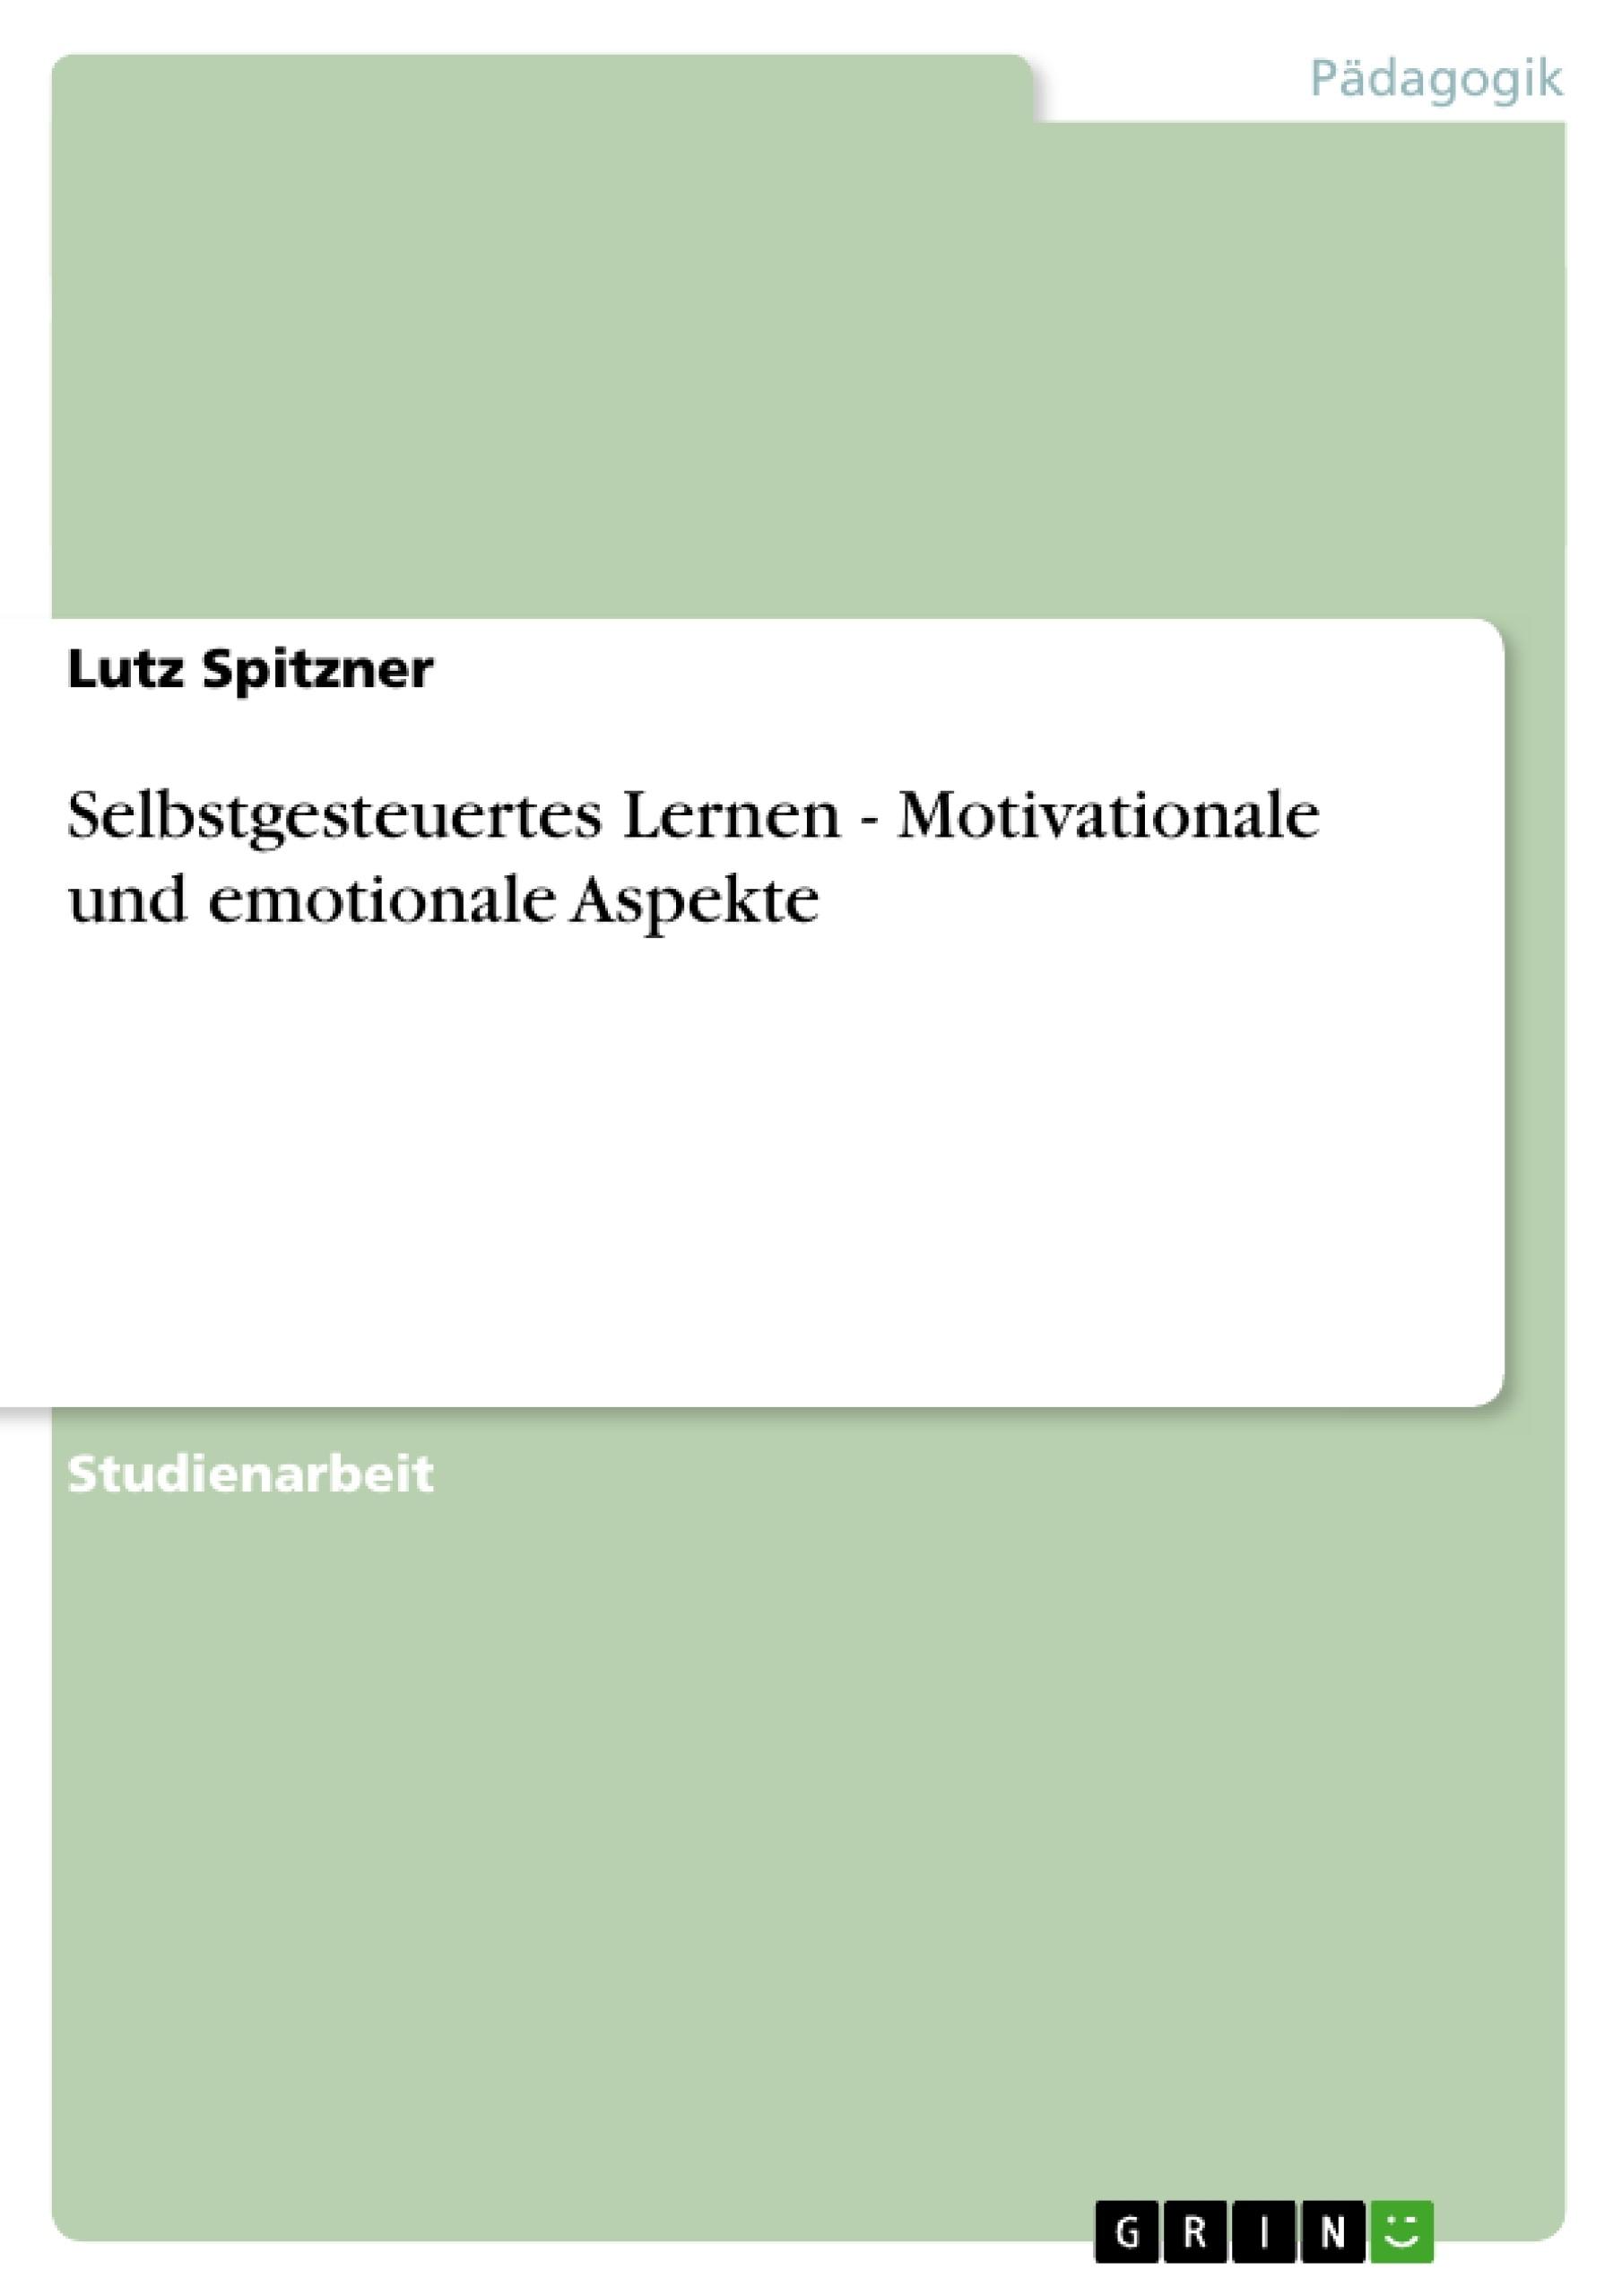 Titel: Selbstgesteuertes Lernen - Motivationale und emotionale Aspekte